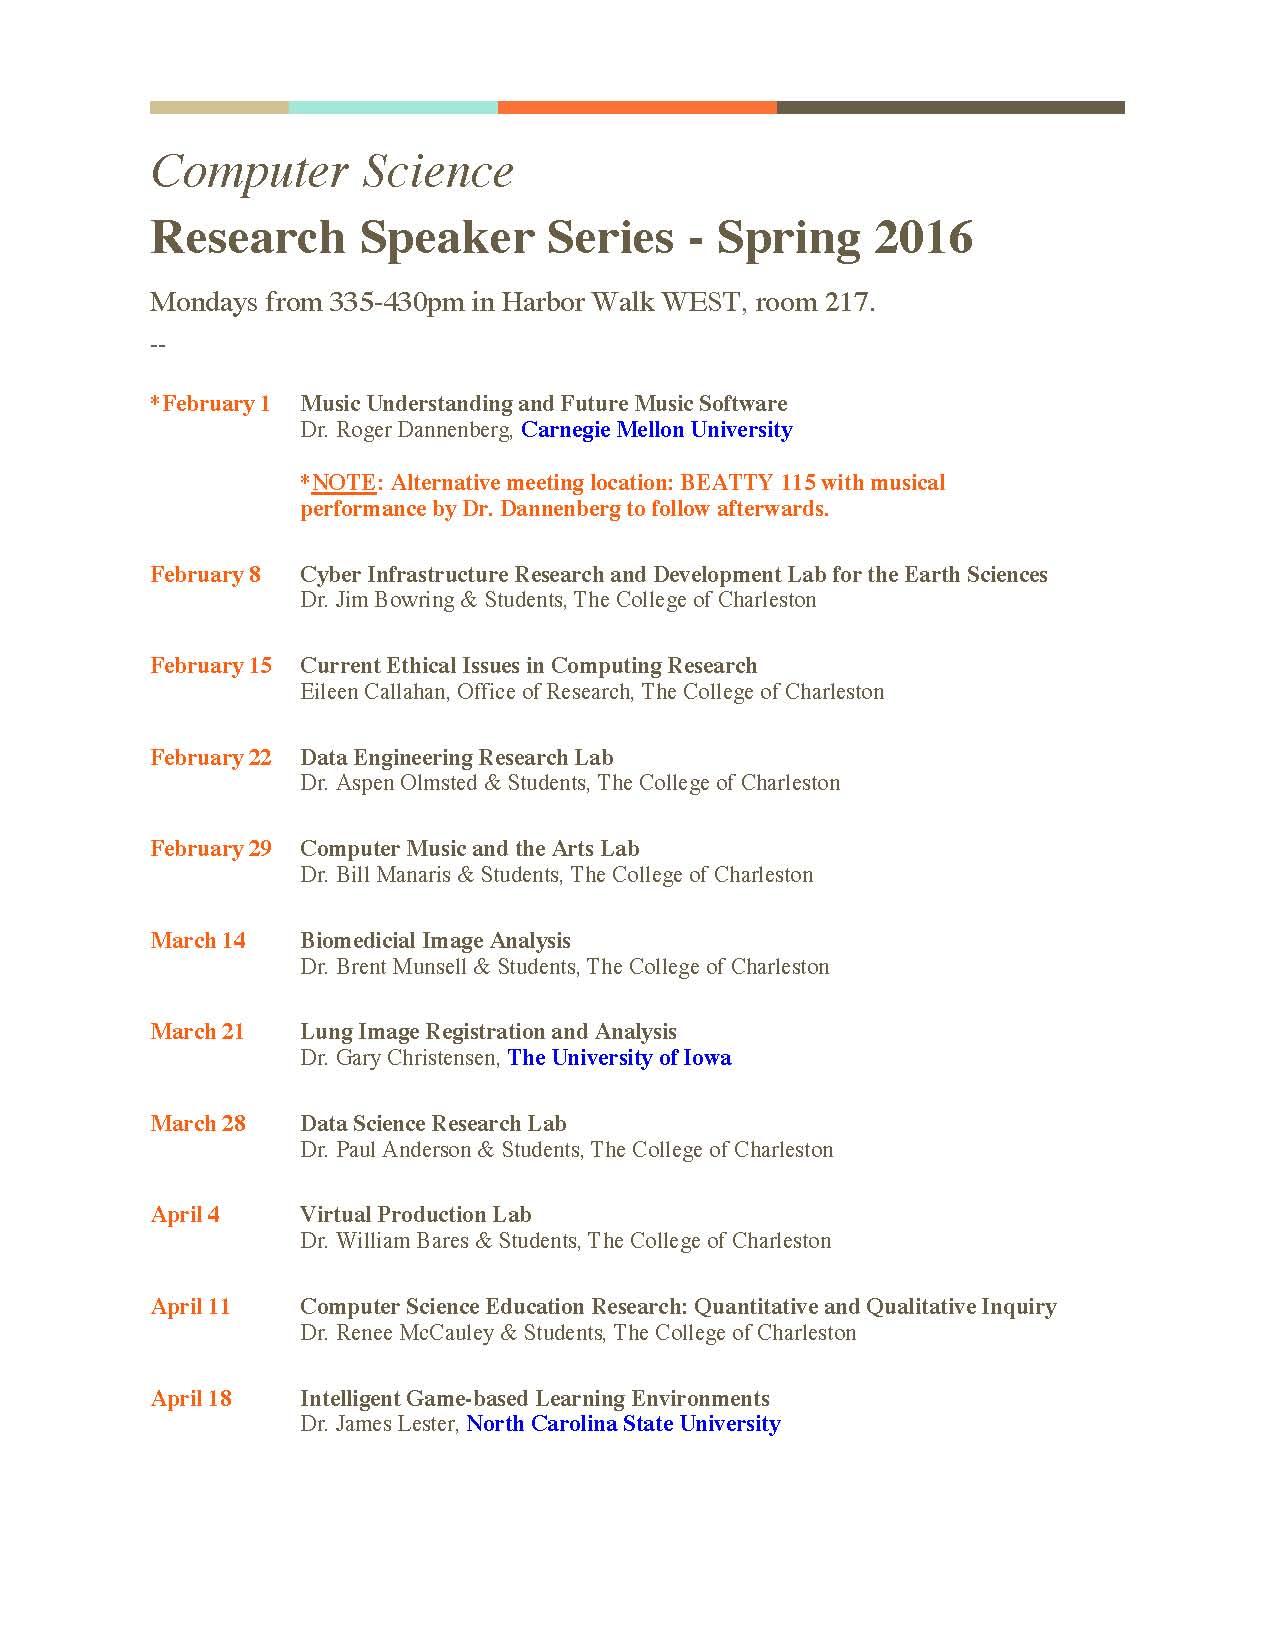 ComputerScienceSpeakerSeries-Spring2016